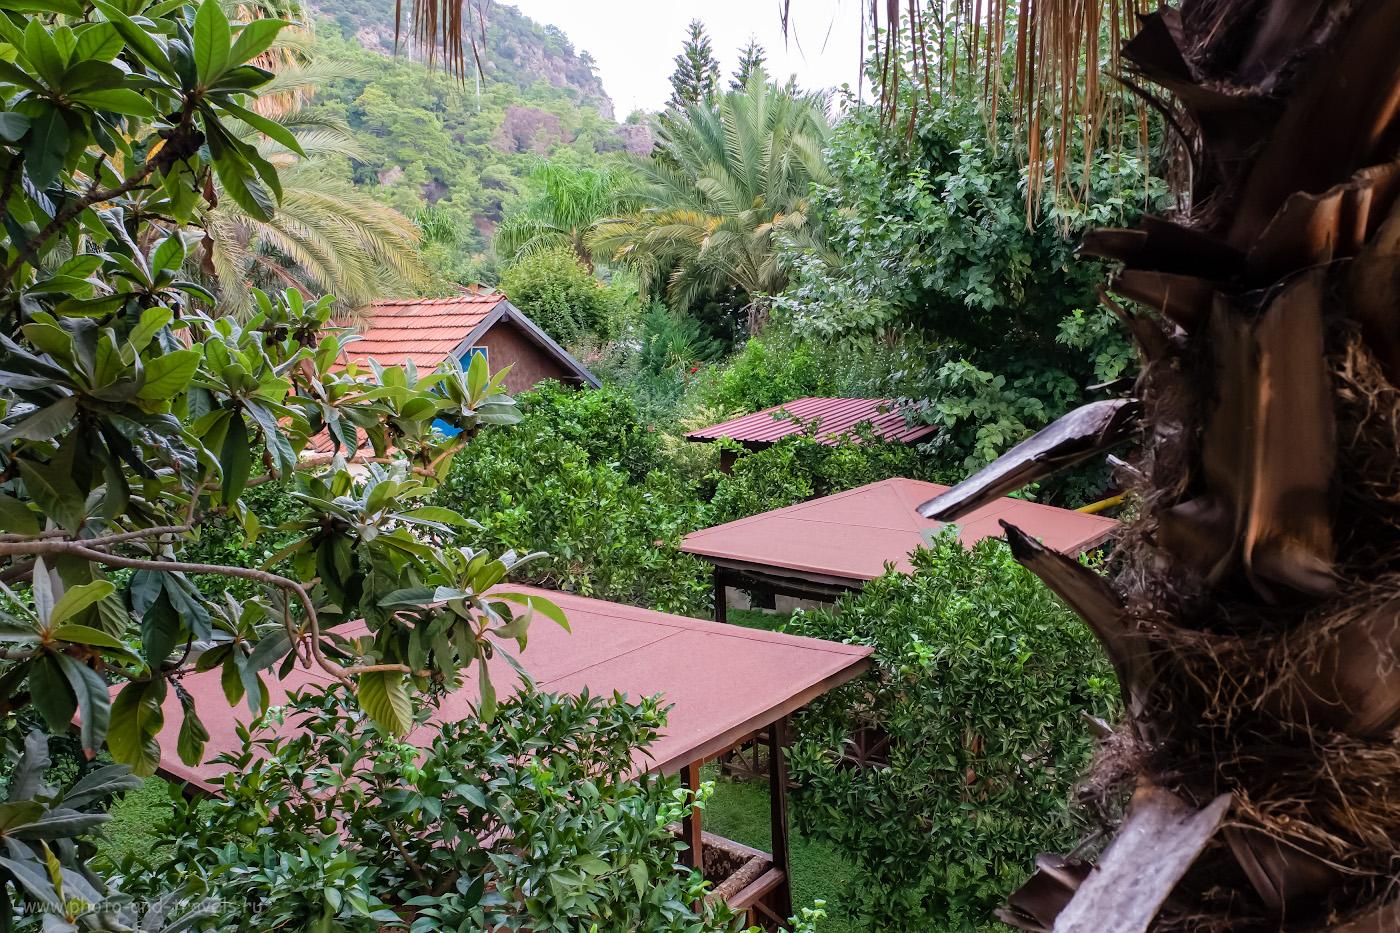 Фотография 21. Так выглядит территория отеля в Чиралы, где мы провели 10 прекрасных дней отпуска. Представляете, как сыну нравилось гулять в этом «лесу»? Стоит ли ехать отдыхать в Кемер? 1/100, 8.0, 2500, -0.33, 16.